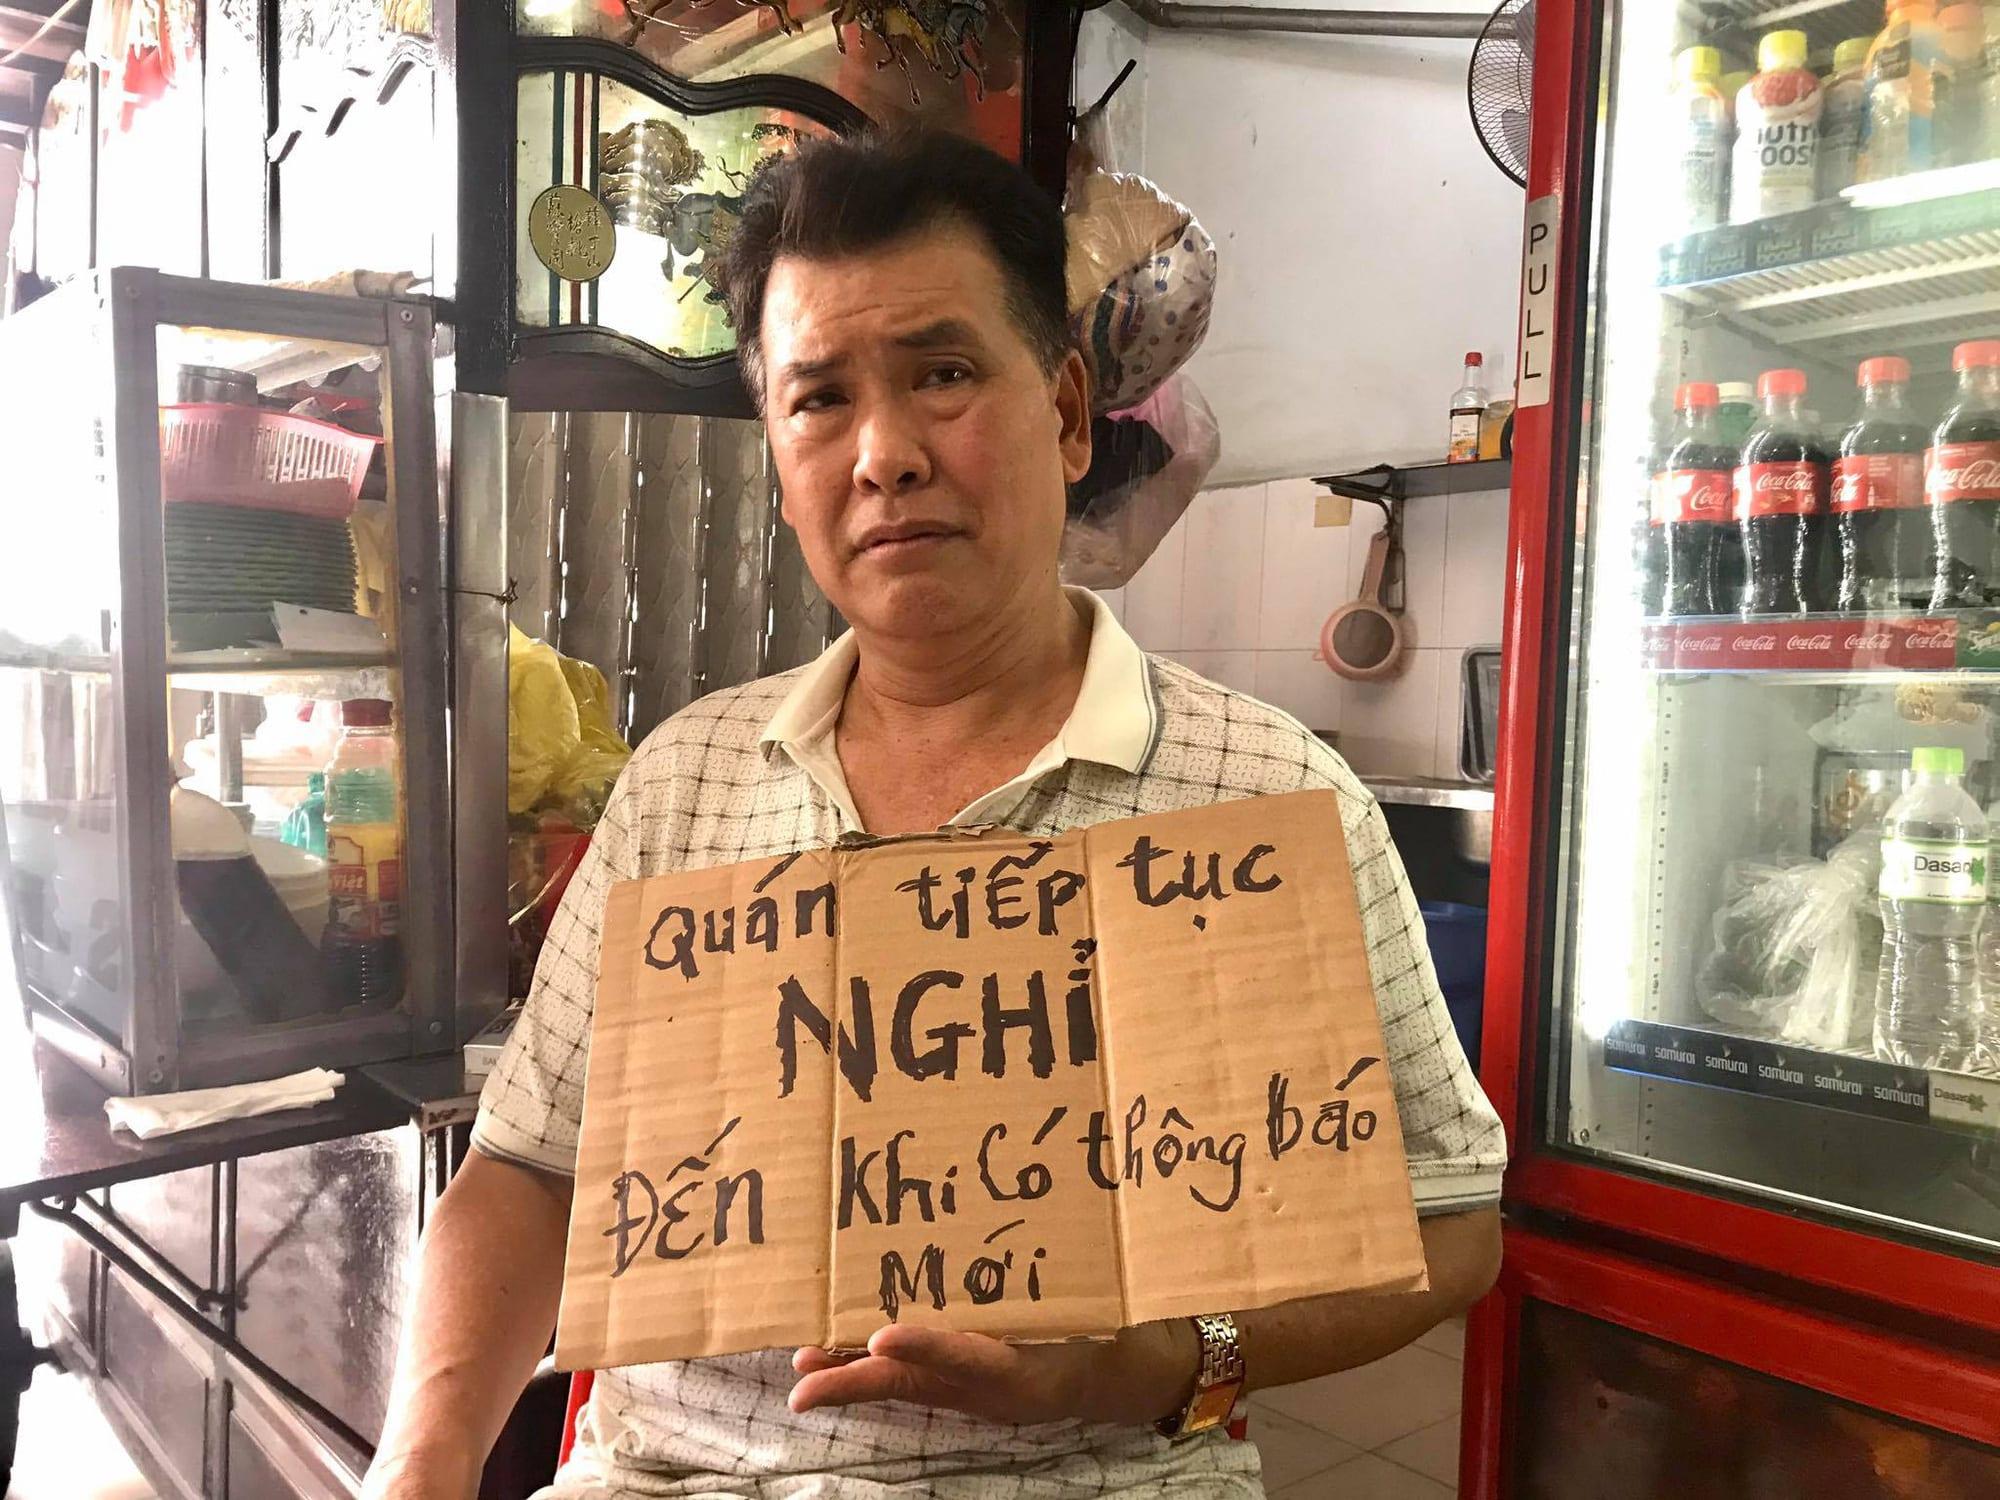 NSND Lệ Thủy tặng gạo cho nghệ sĩ nghèo, Hữu Nghĩa tặng cơm cho người khuyết tật - Ảnh 5.